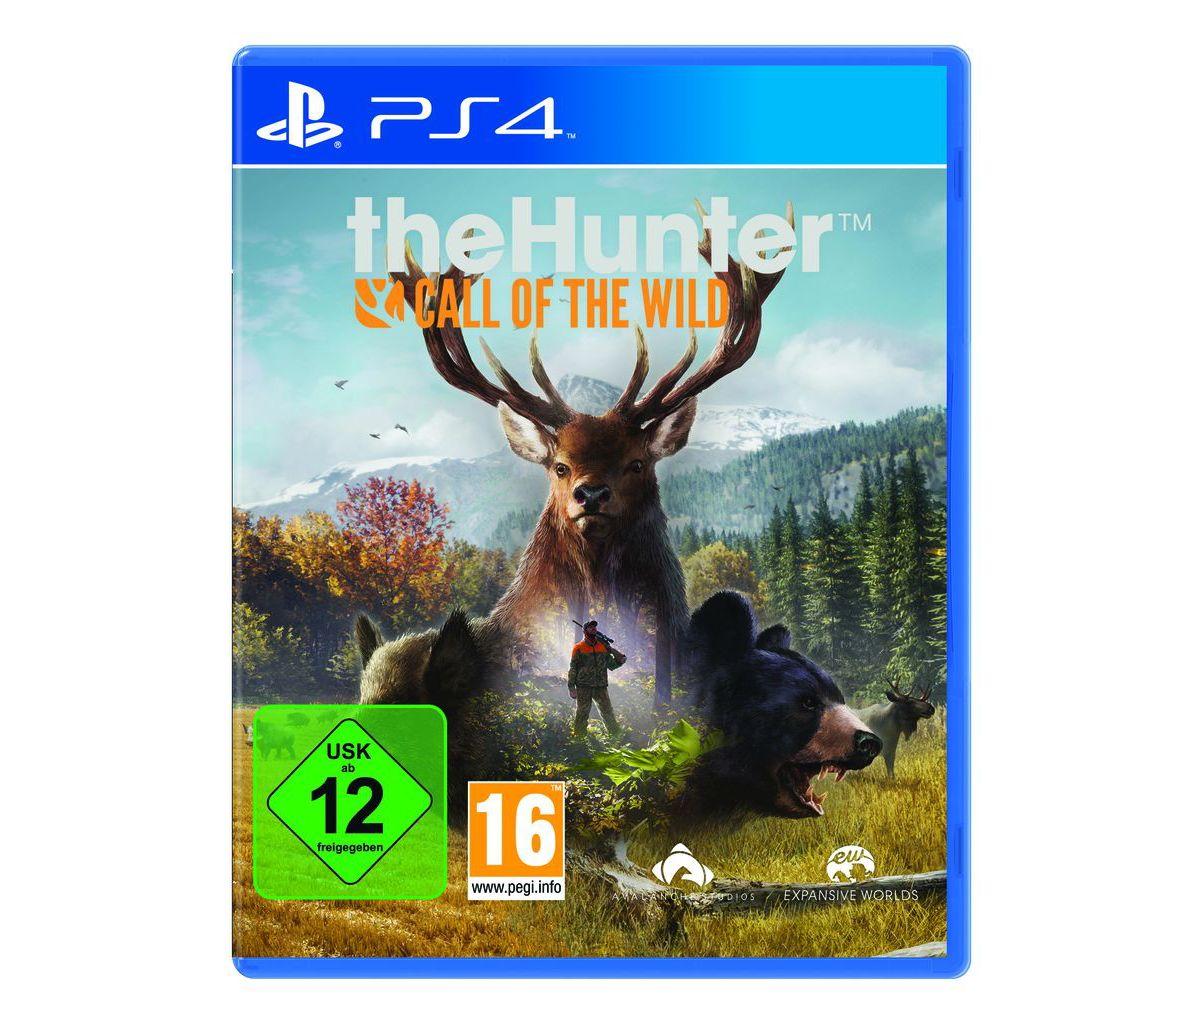 Astragon Playstation 4 - Spiel »theHunter™: Cal...